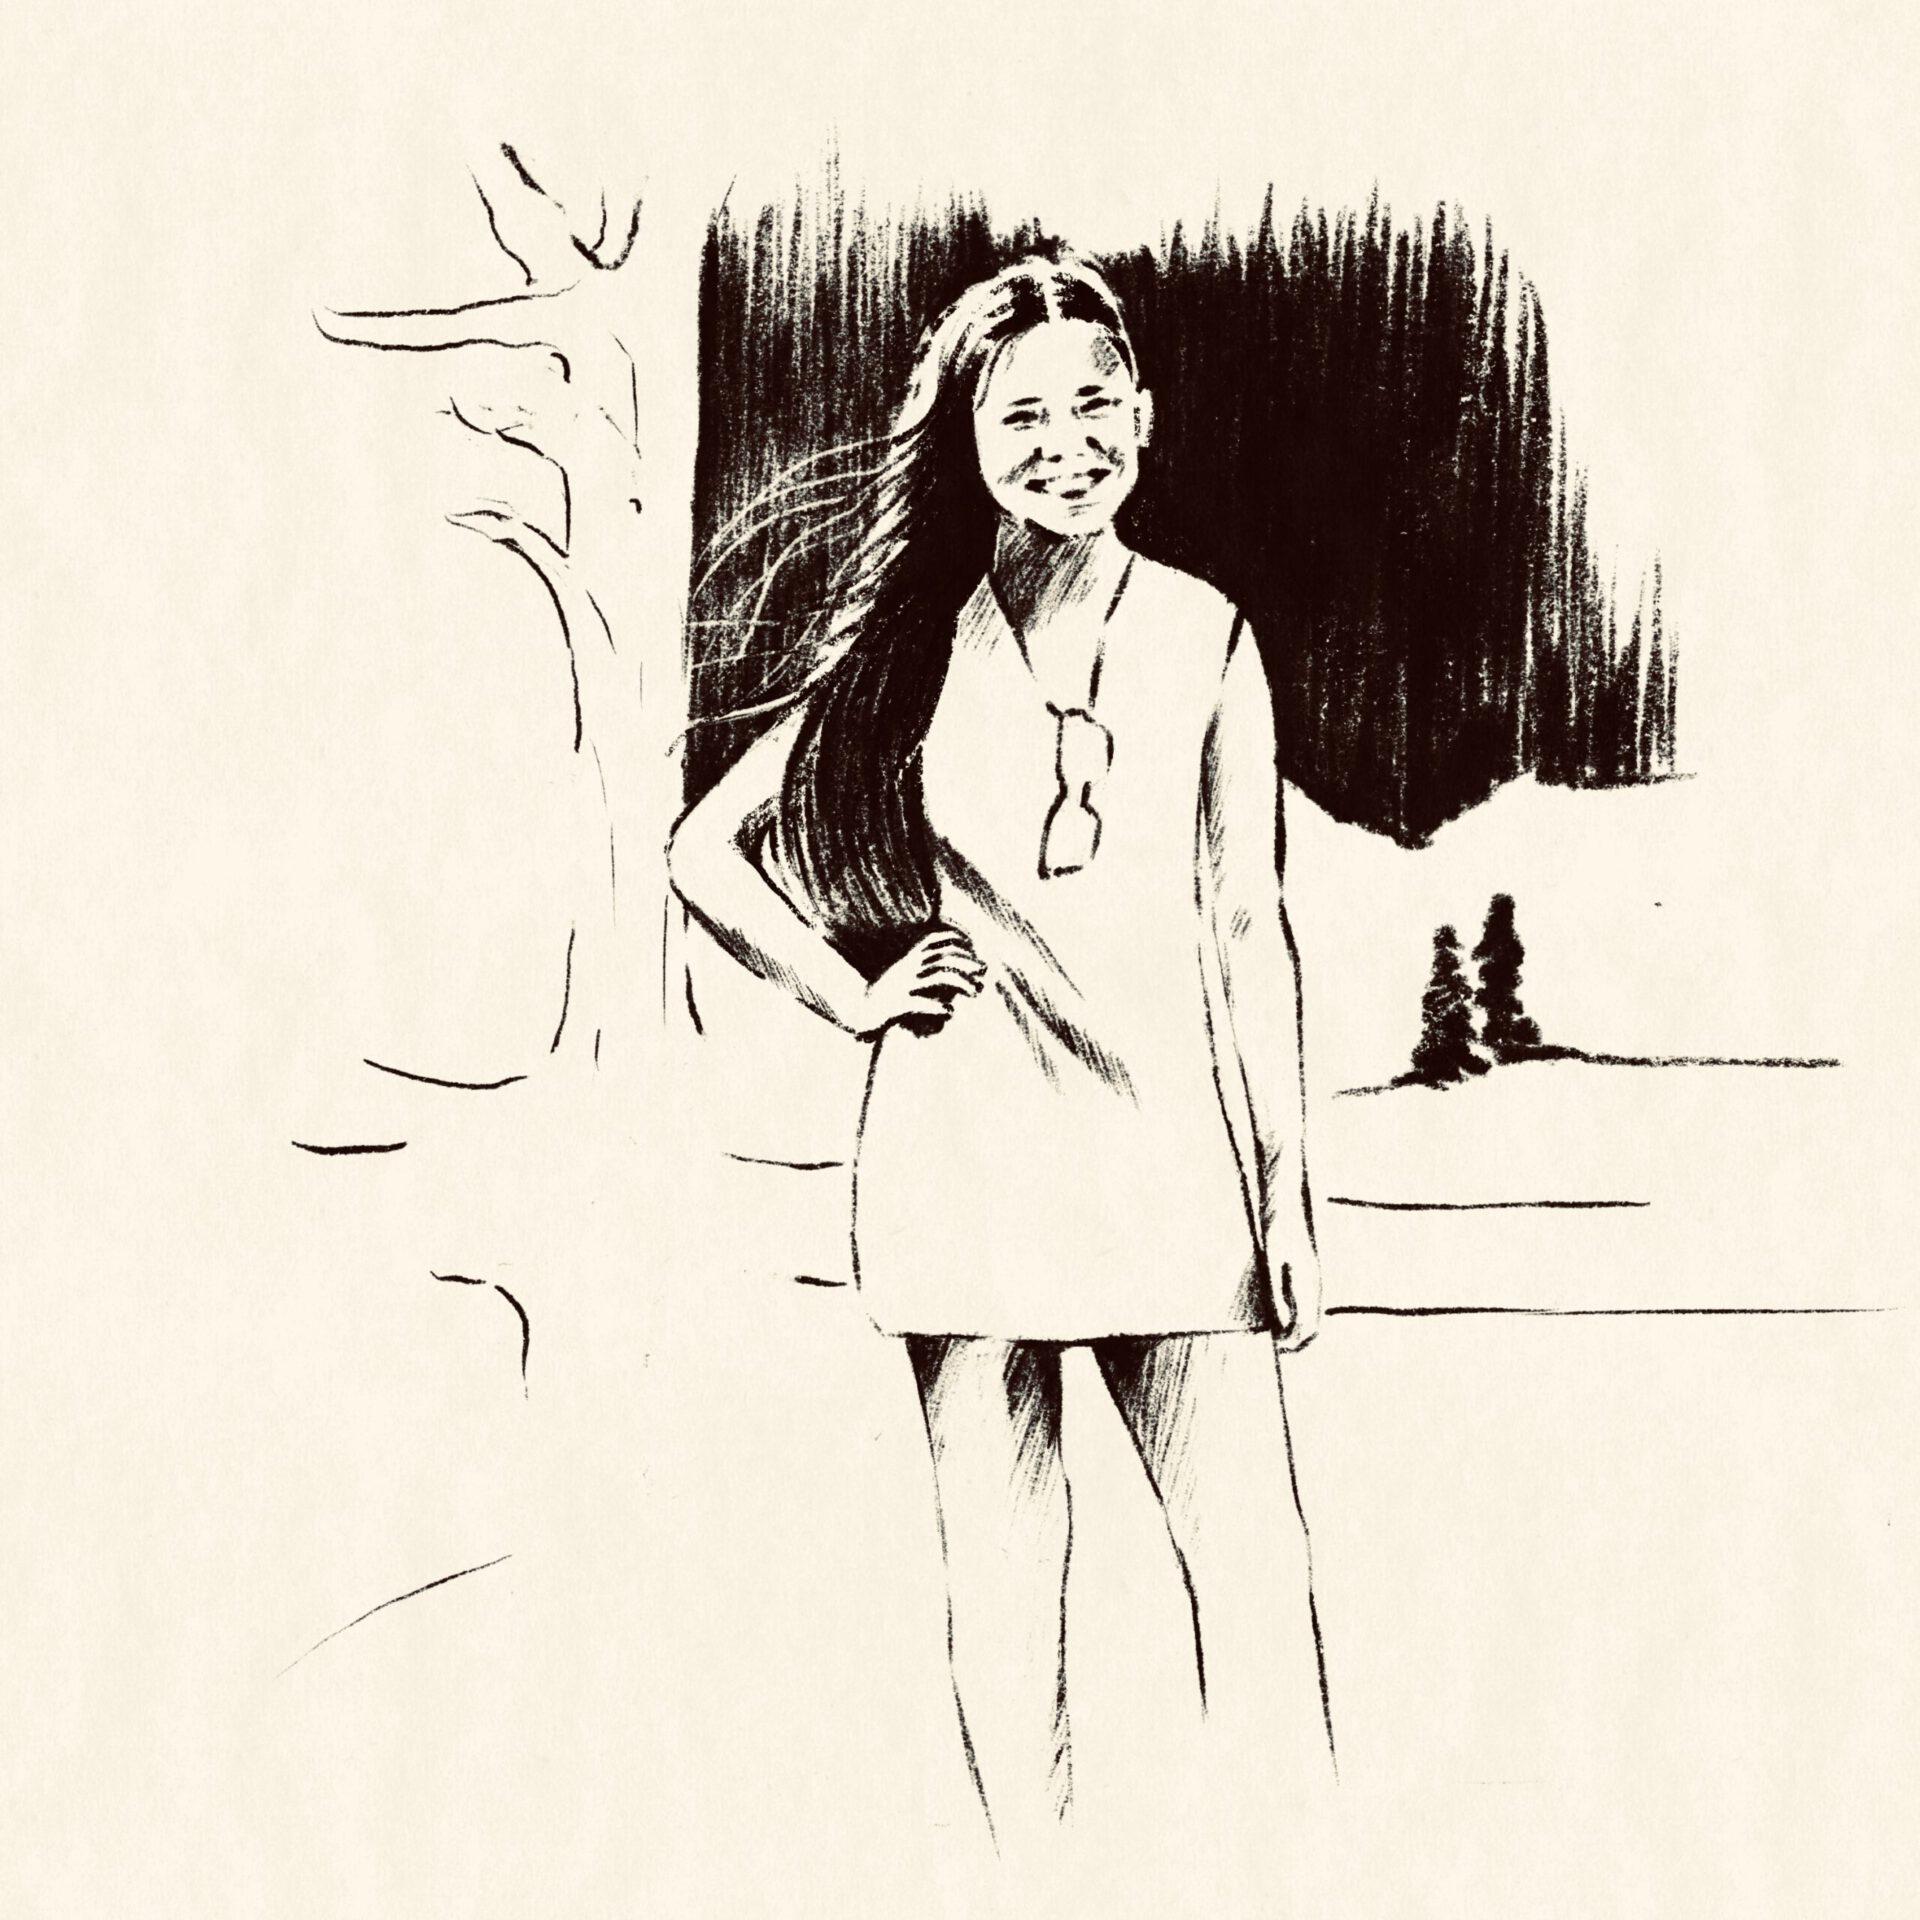 Hania1972